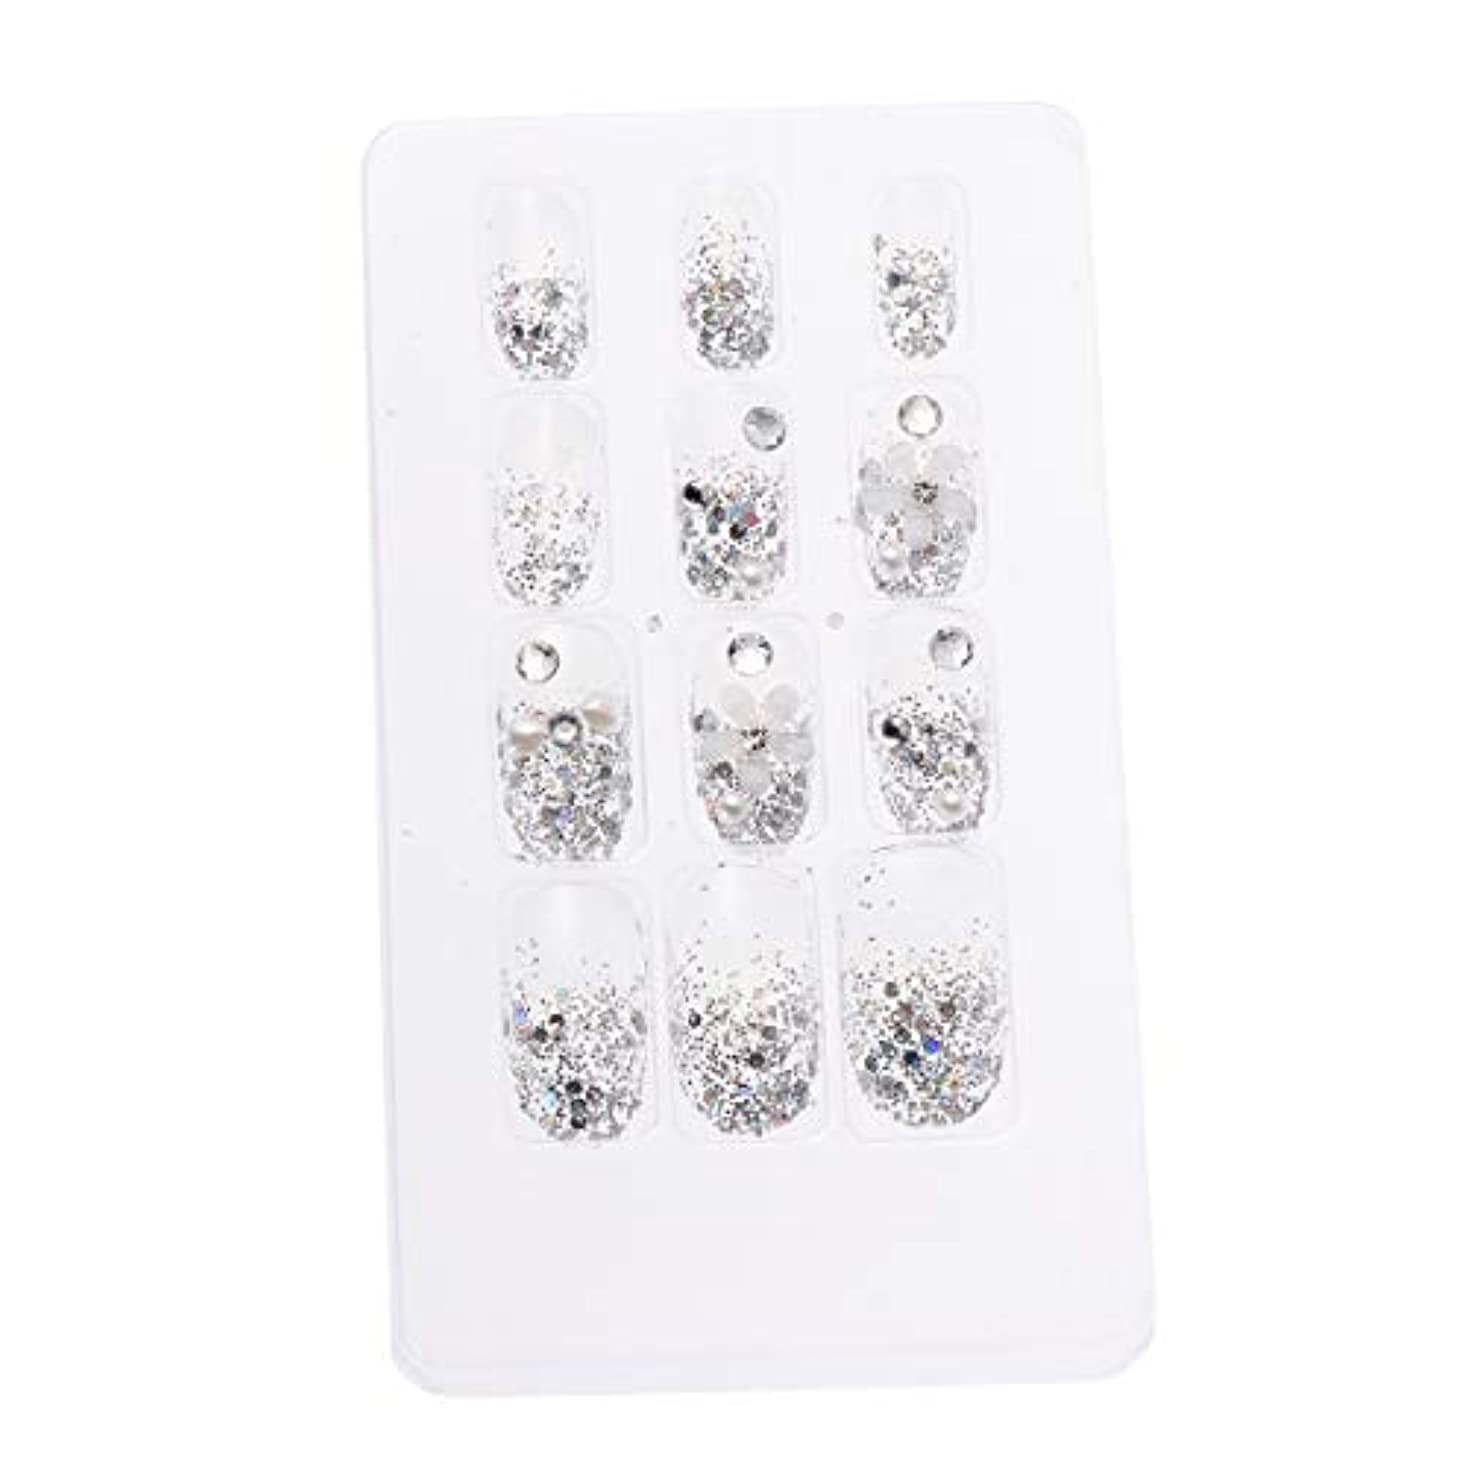 感情節約ジェーンオースティンLURROSE 24ピースネイルステッカー 人工ダイヤモンド装飾ネイルアート用ブライダル女性